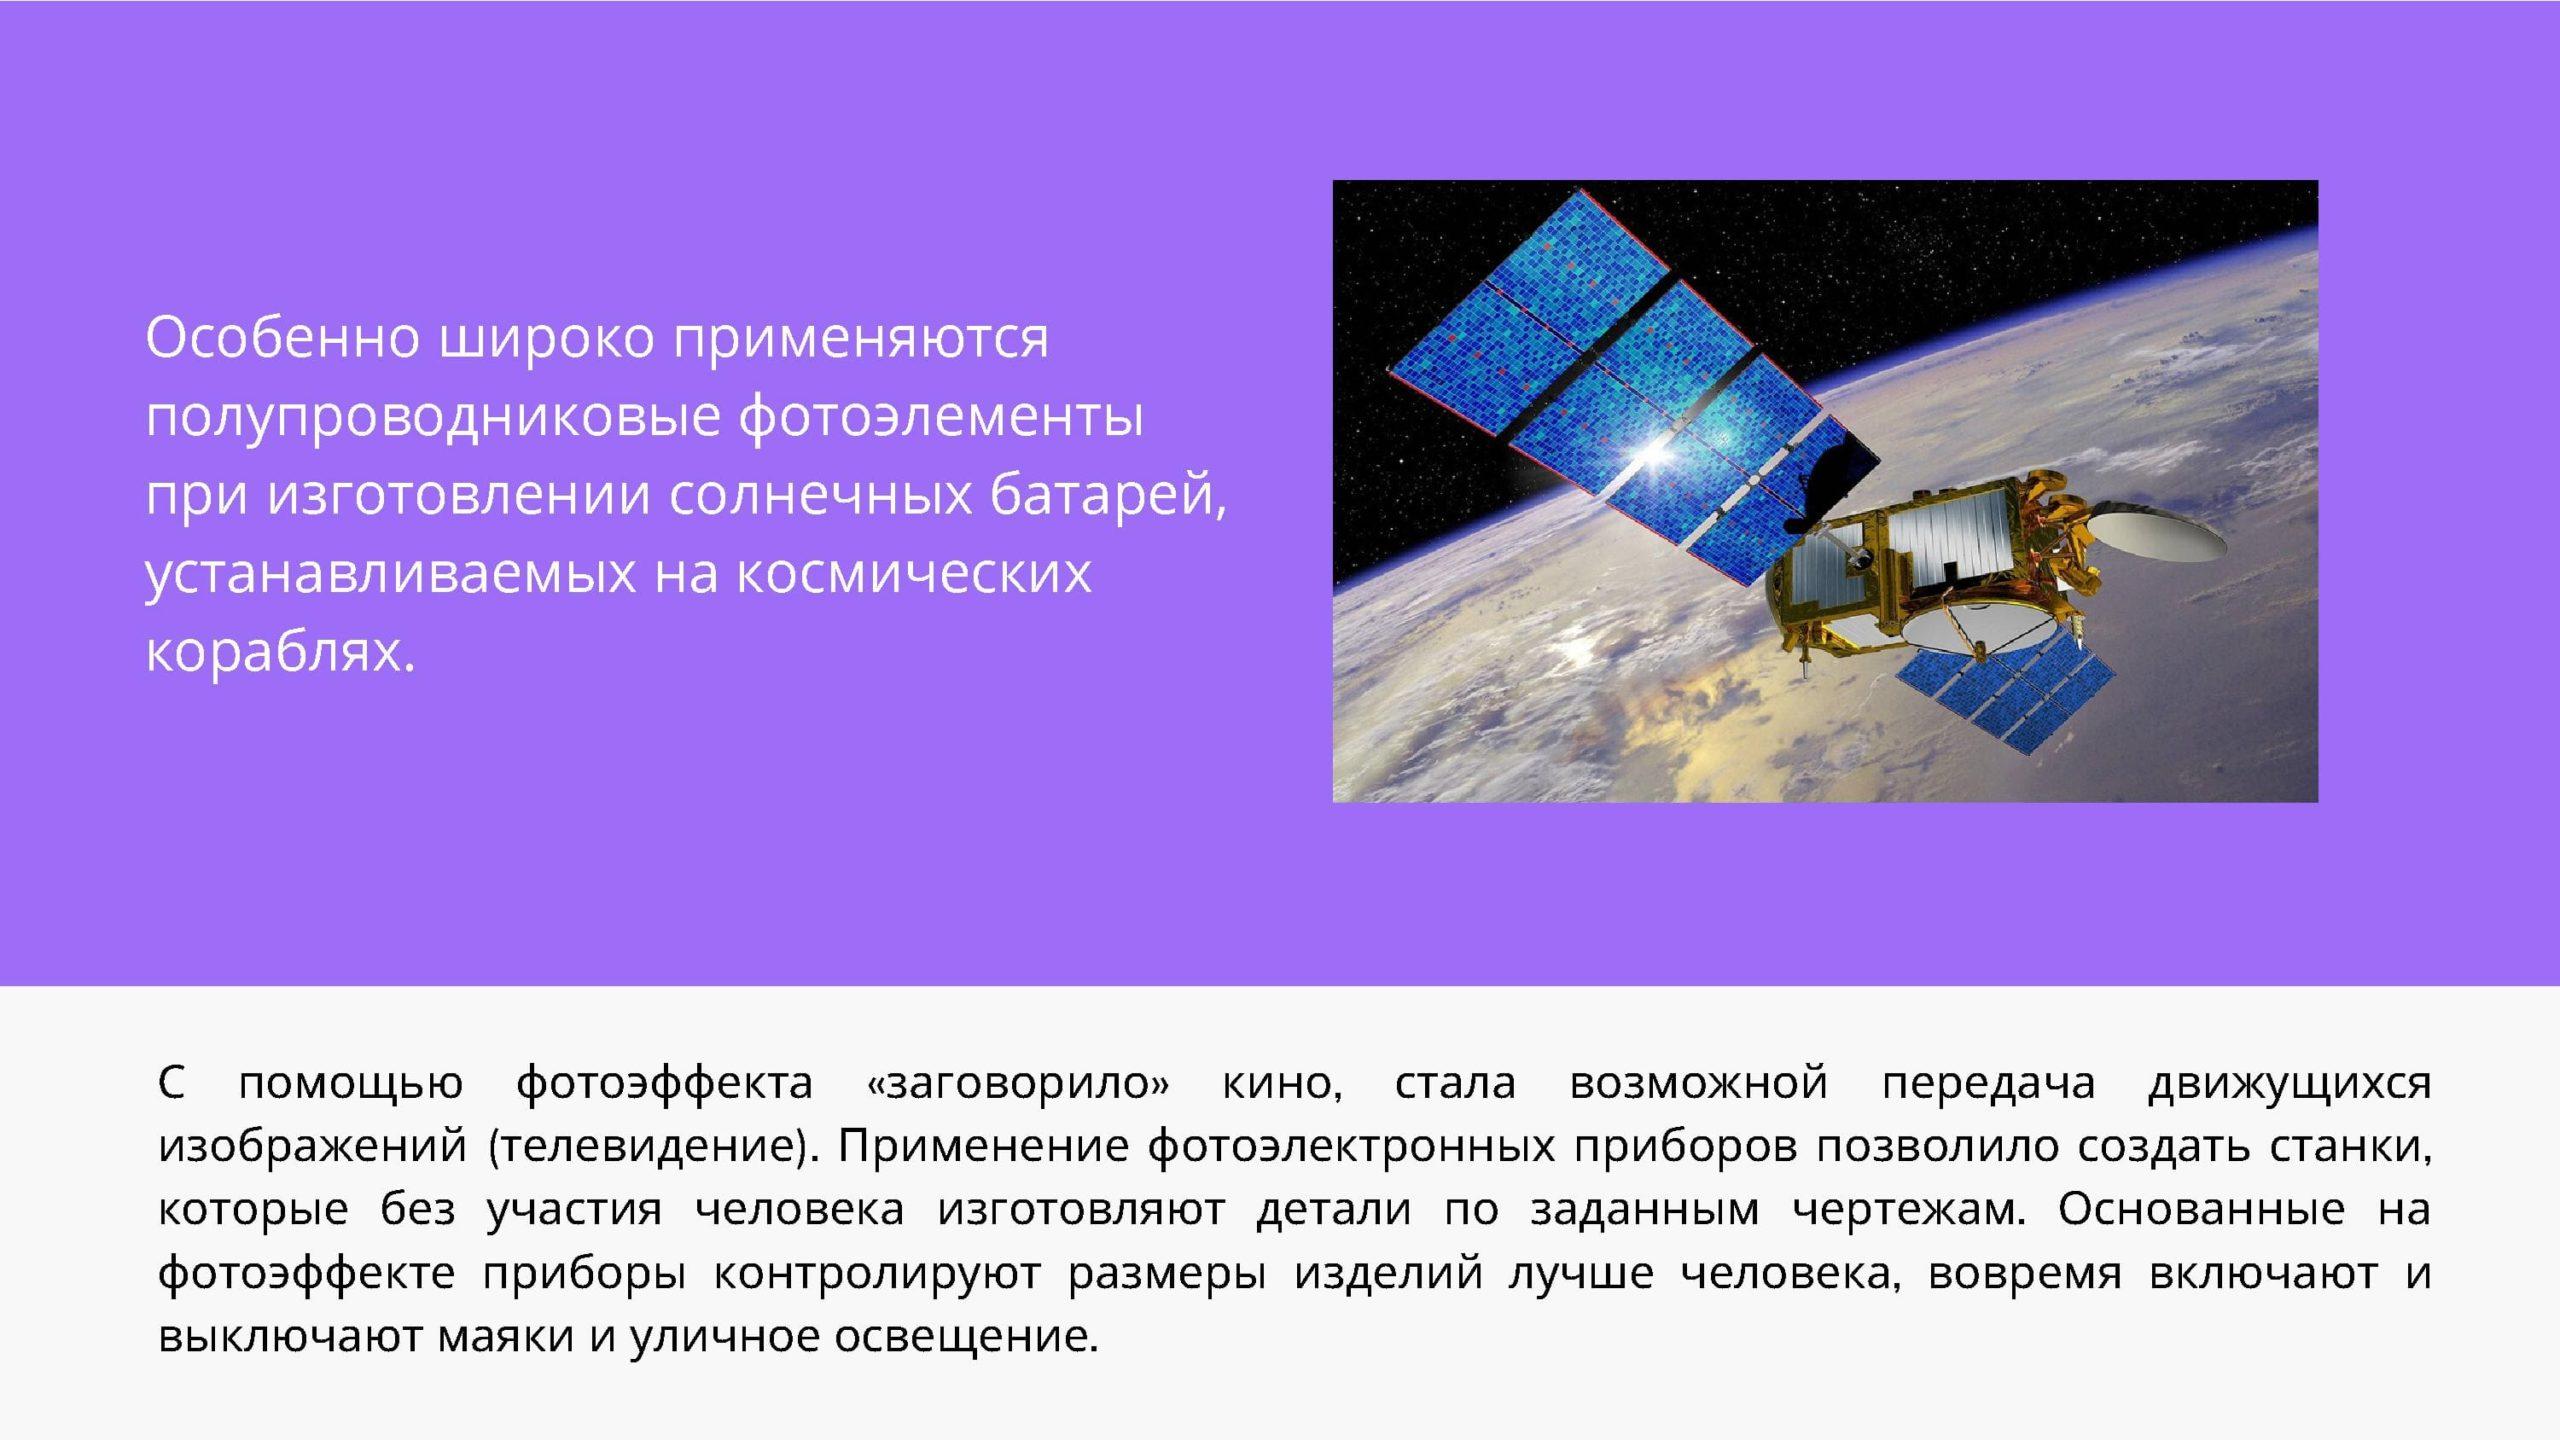 Особенно широко применяются полупроводниковые фотоэлементы